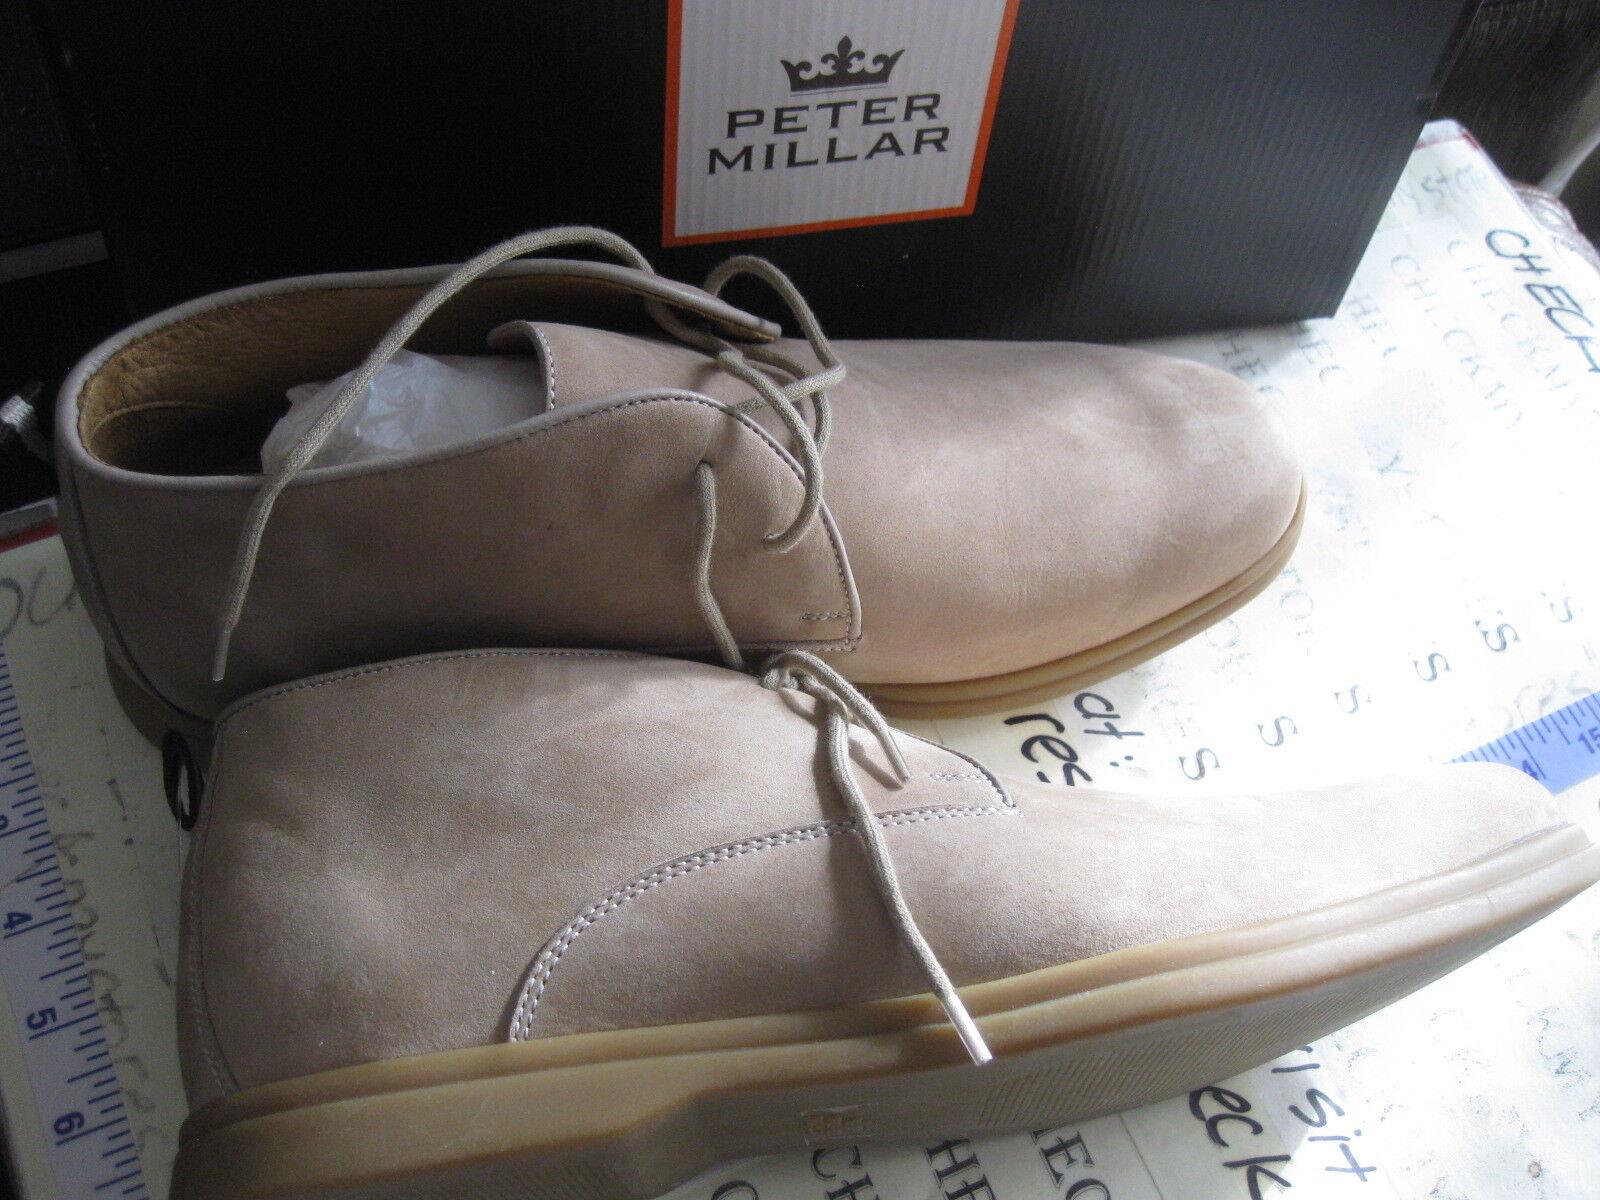 Nuevo  PETER MILLAR ms16f03 para hombre de cuero nobuck Chukka botas hecho Brasil